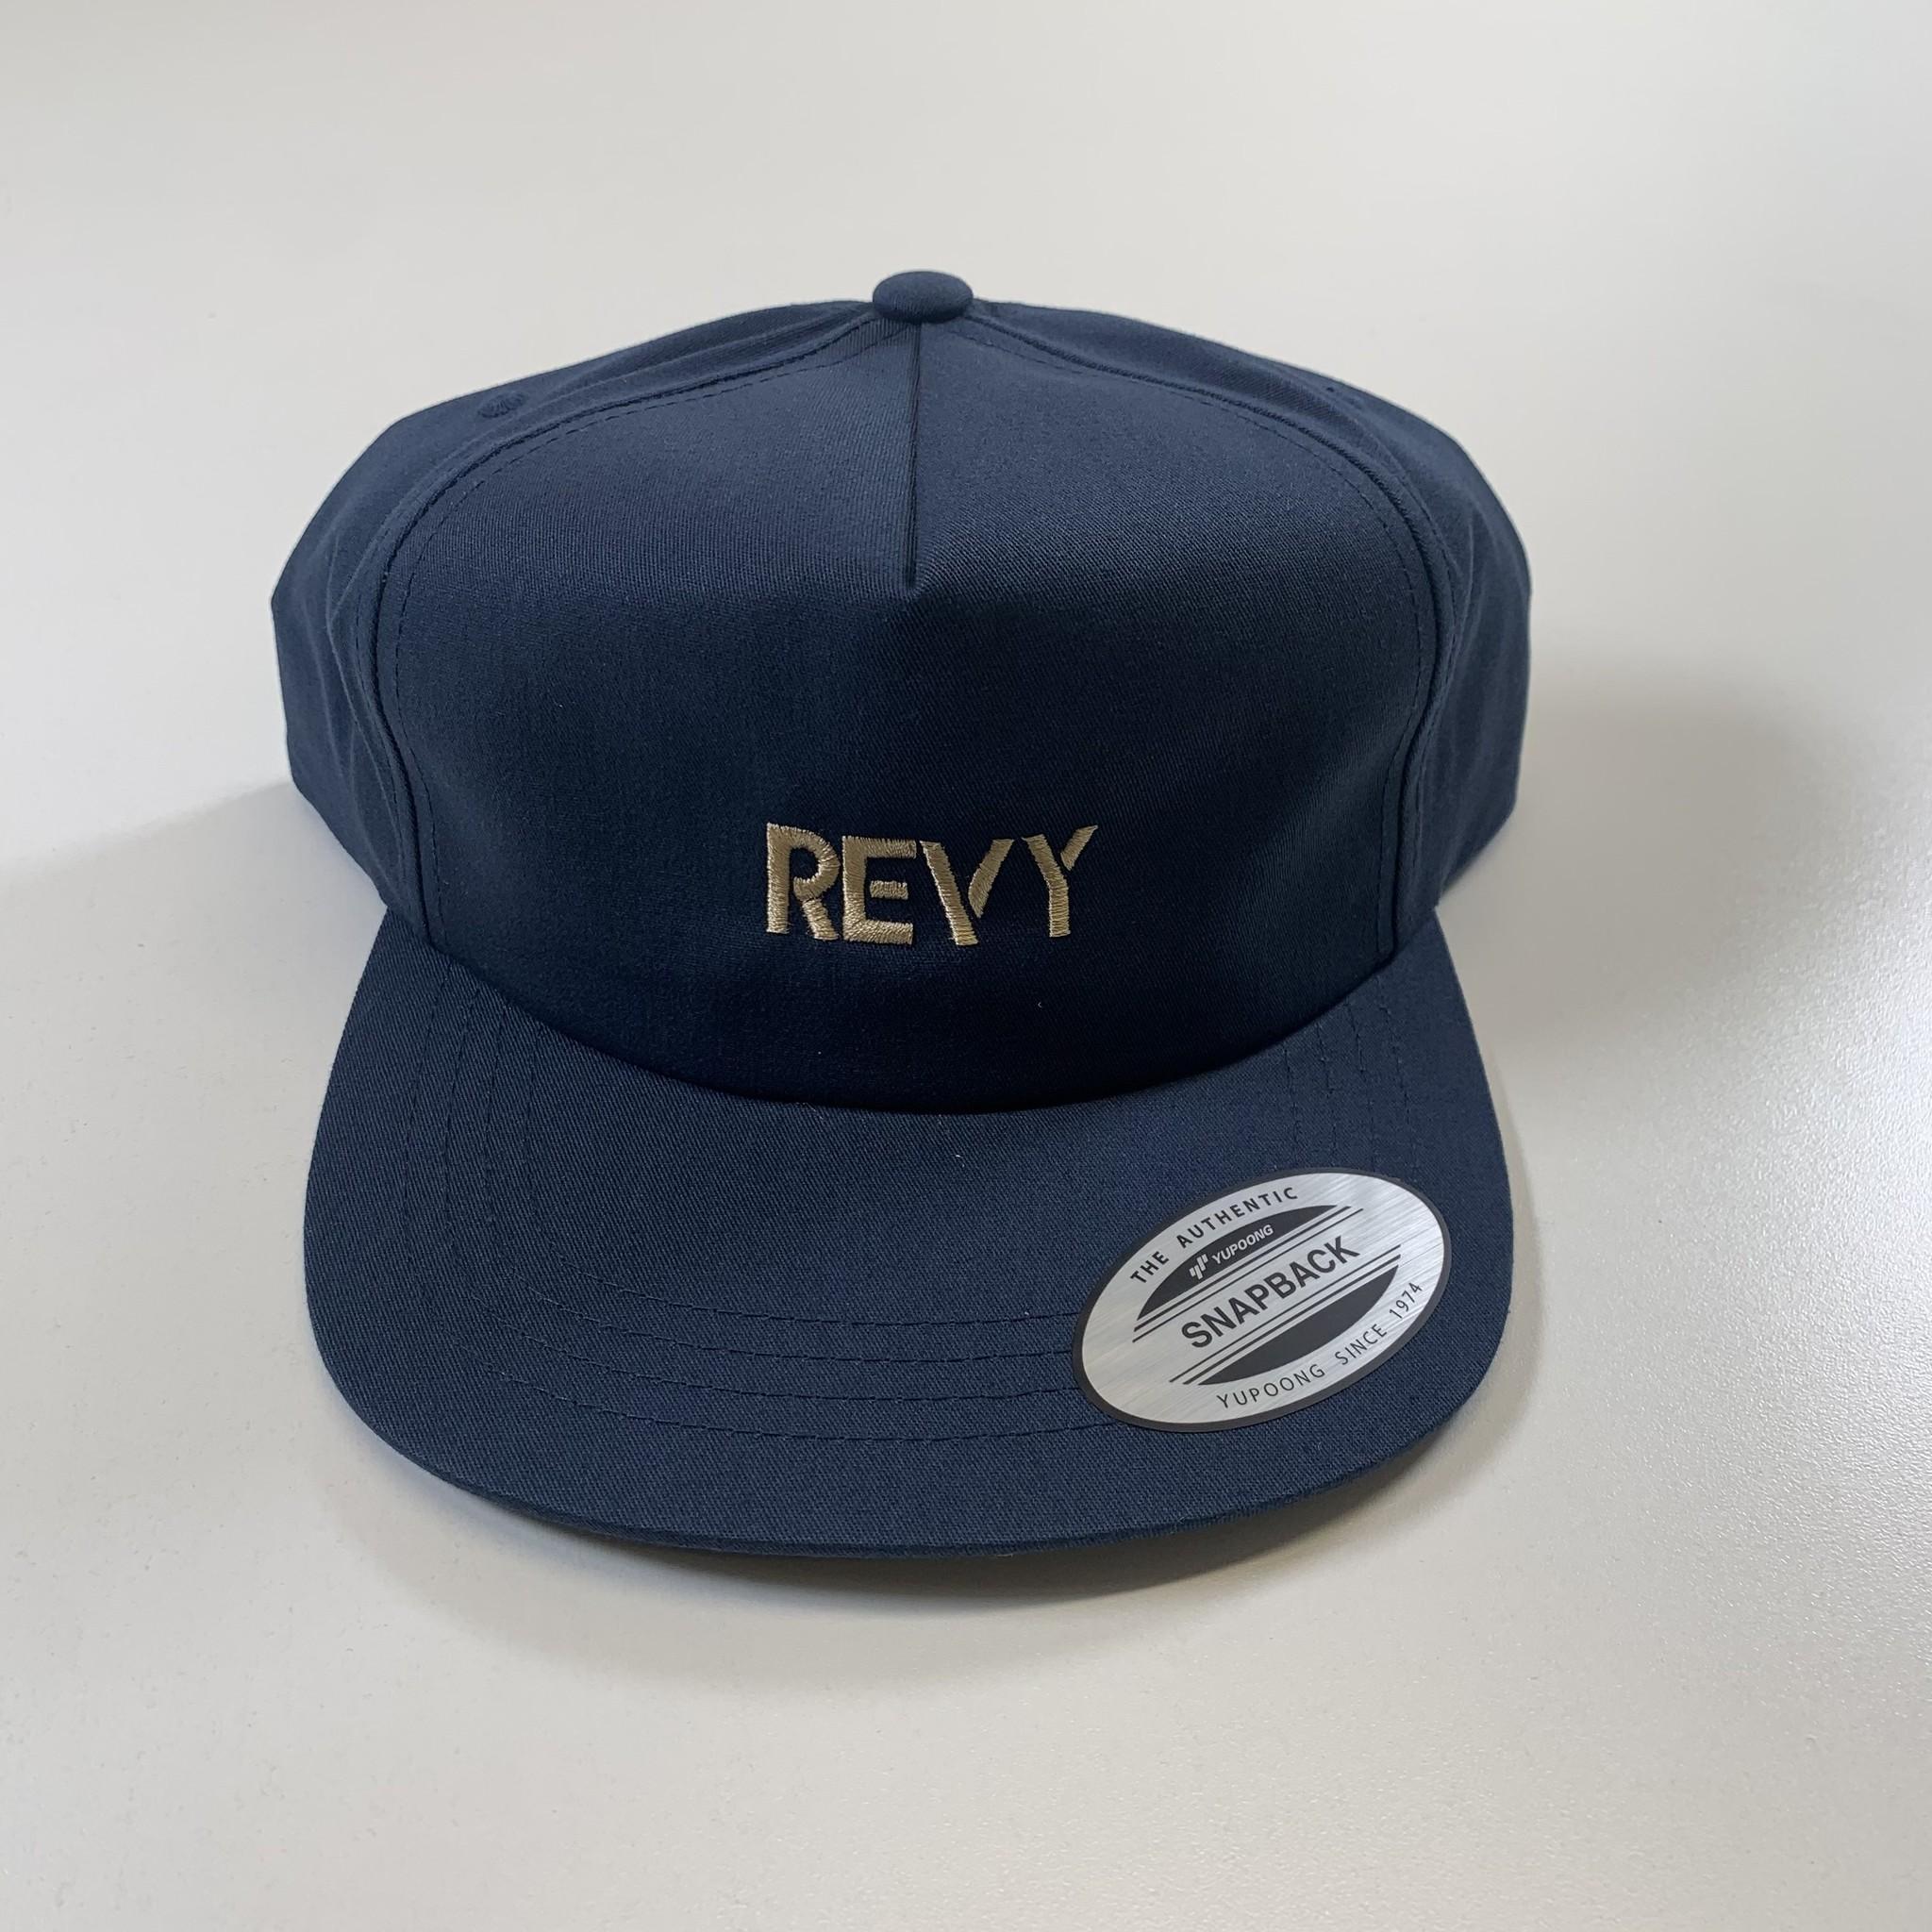 Revelstoke Trading Post Revelstoke - REVY Deconstructed Cap (Navy)